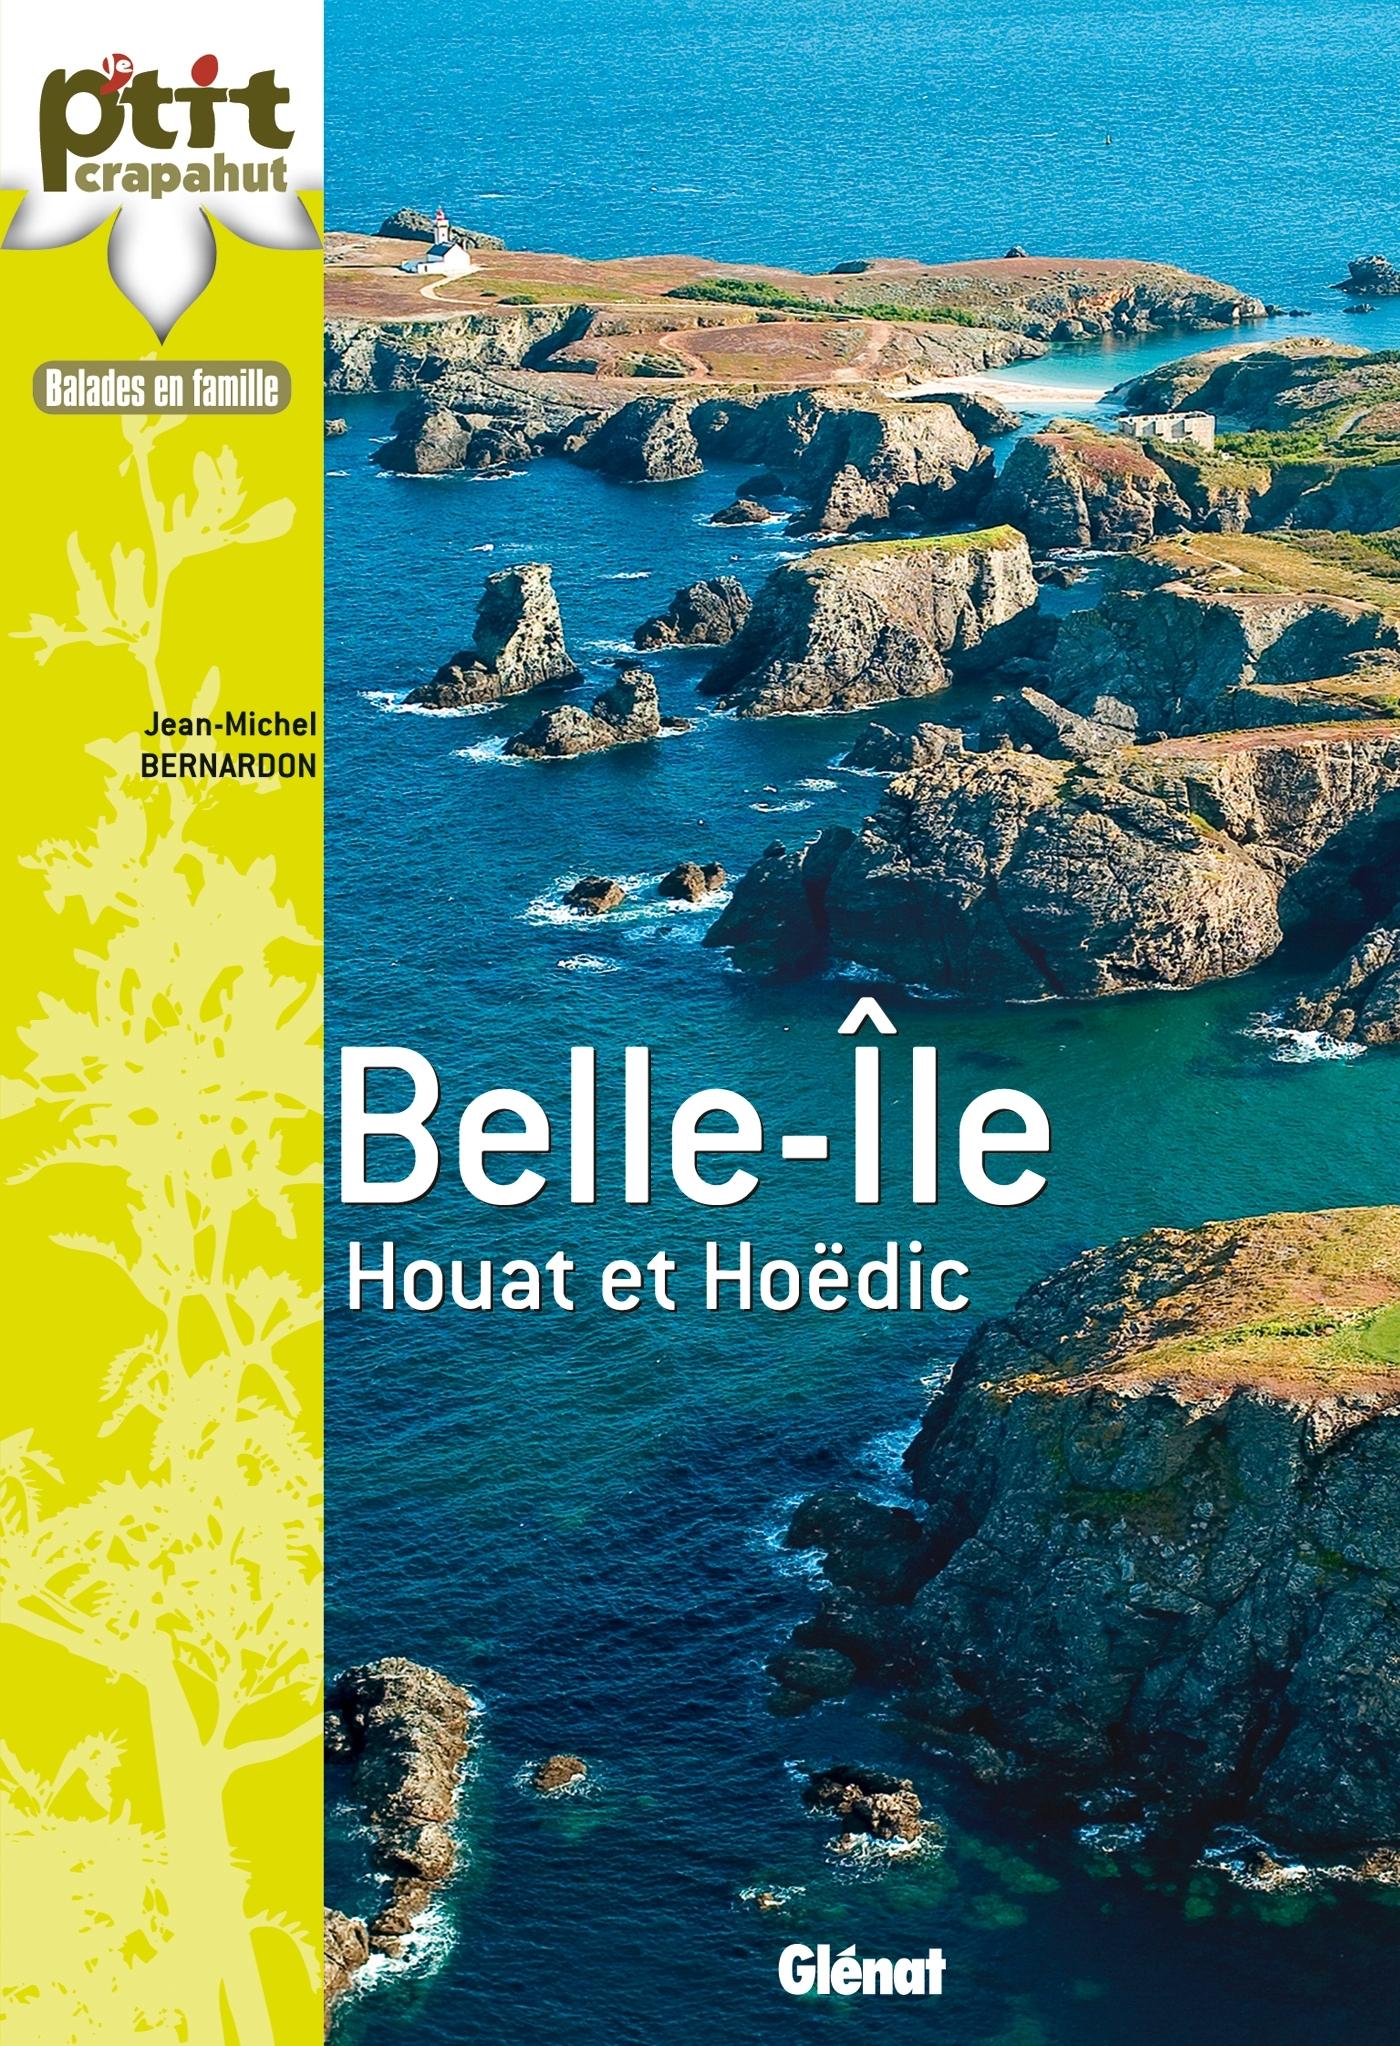 A BELLE-ILE, HOUAT ET HOEDIC